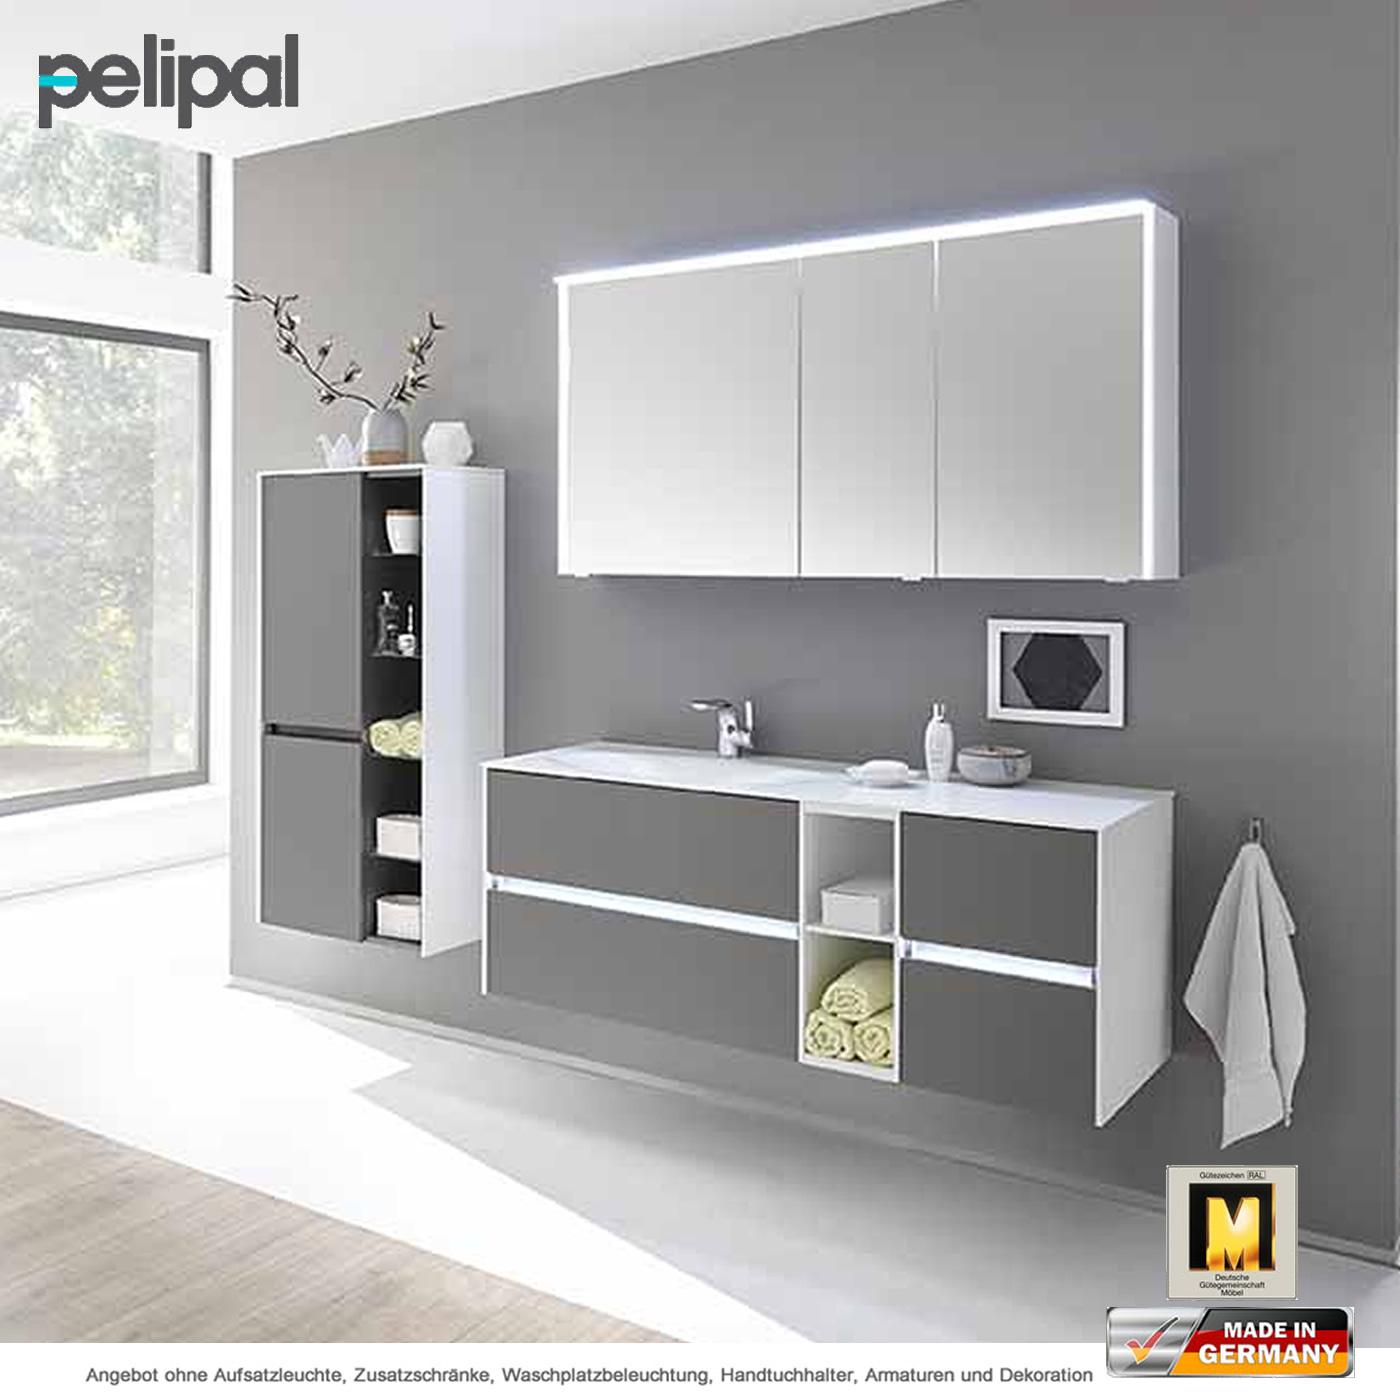 Pelipal Solitaire 6010 Badmöbelset 133 Cm Mit Spiegelschrank Waschtisch Und  Unterschrank 4 Auszüge